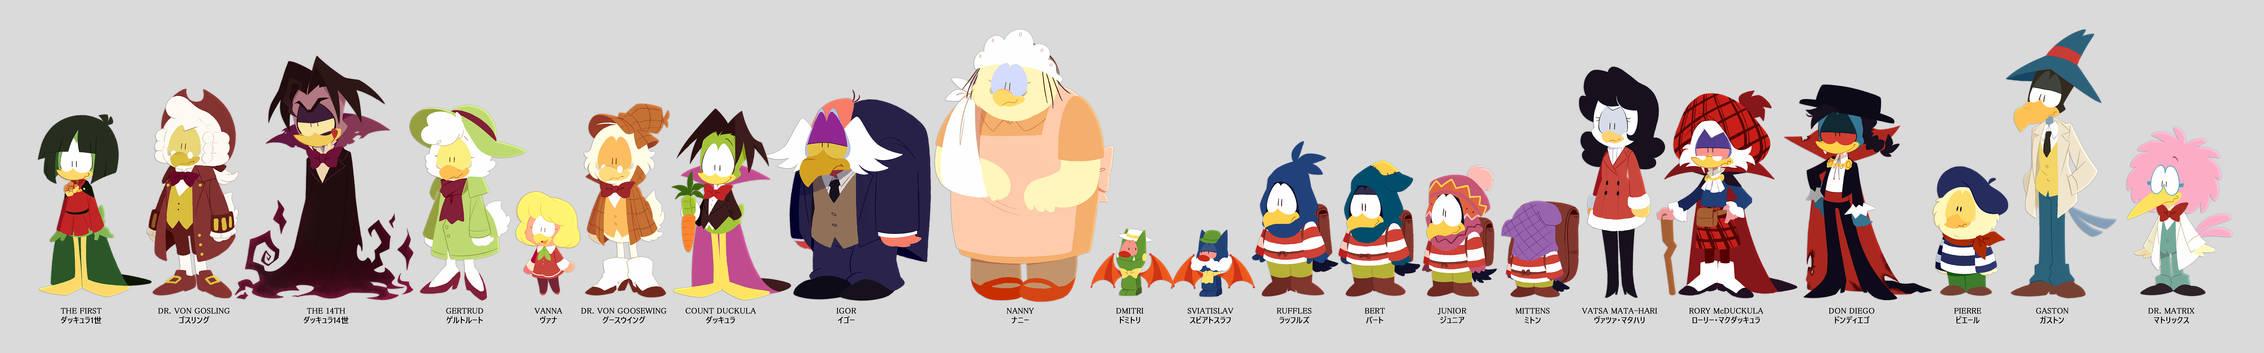 Count Duckula cast